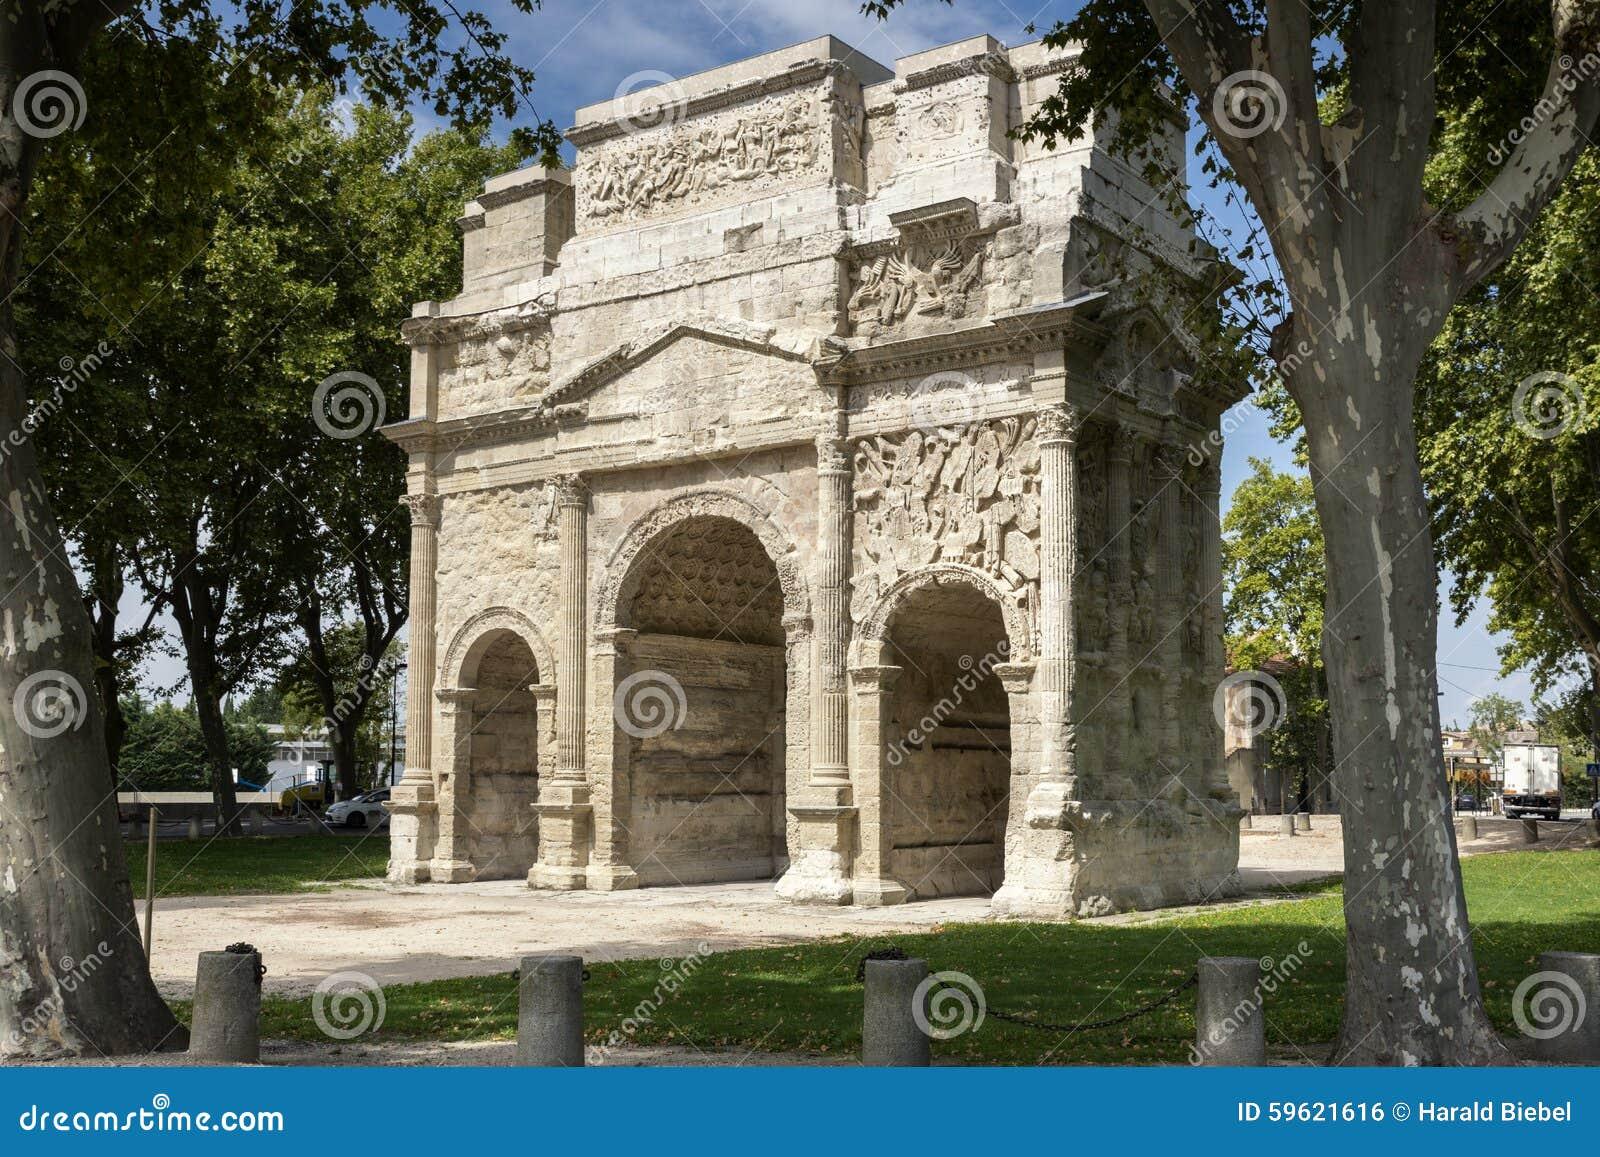 Arc de triumph dans la ville orange france du sud photo stock image du histoire triomphal - Sud de la france ville ...